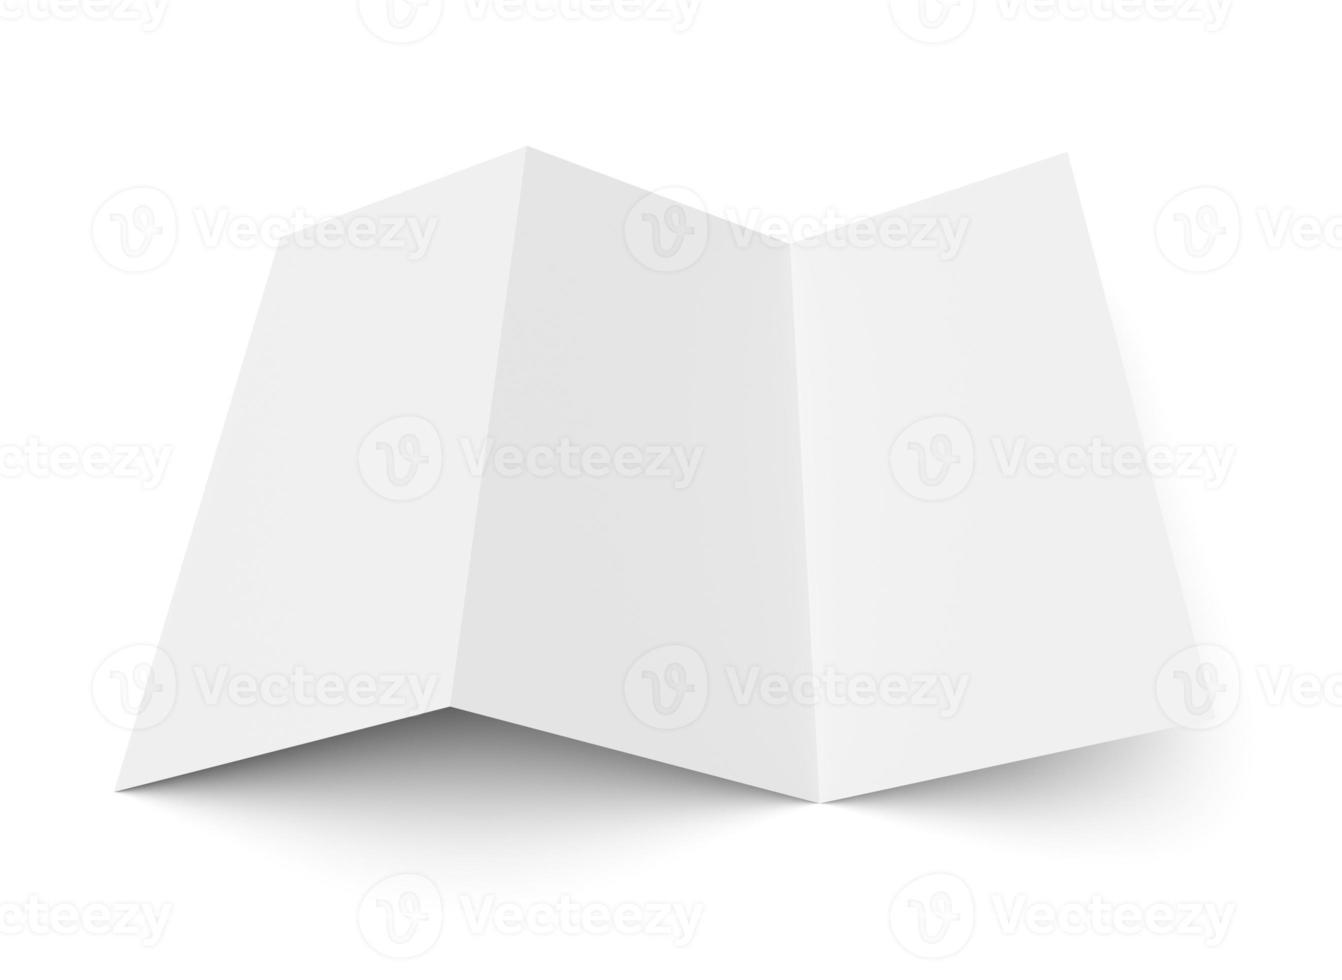 folleto en blanco plegado en z folleto de papel blanco foto